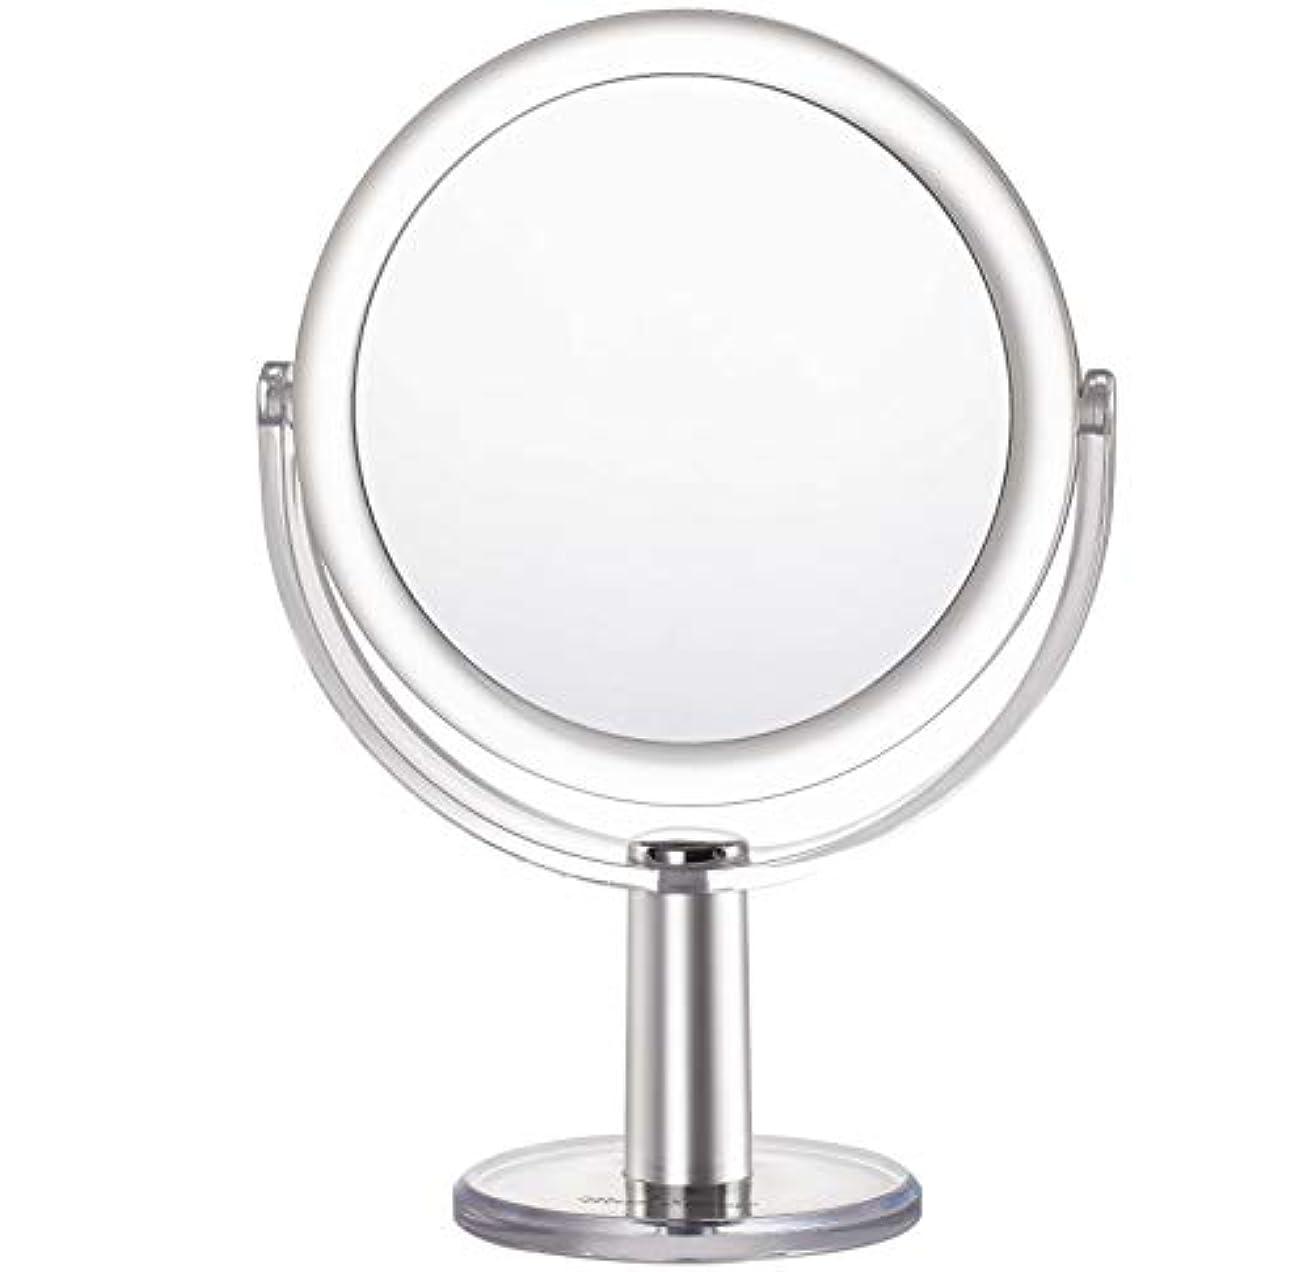 リスタワーマイナスMiss Sweet 5倍拡大鏡付き スタンドミラー 卓上化粧鏡 両面鏡 1倍*5倍 (Color 2 (1倍*5倍))